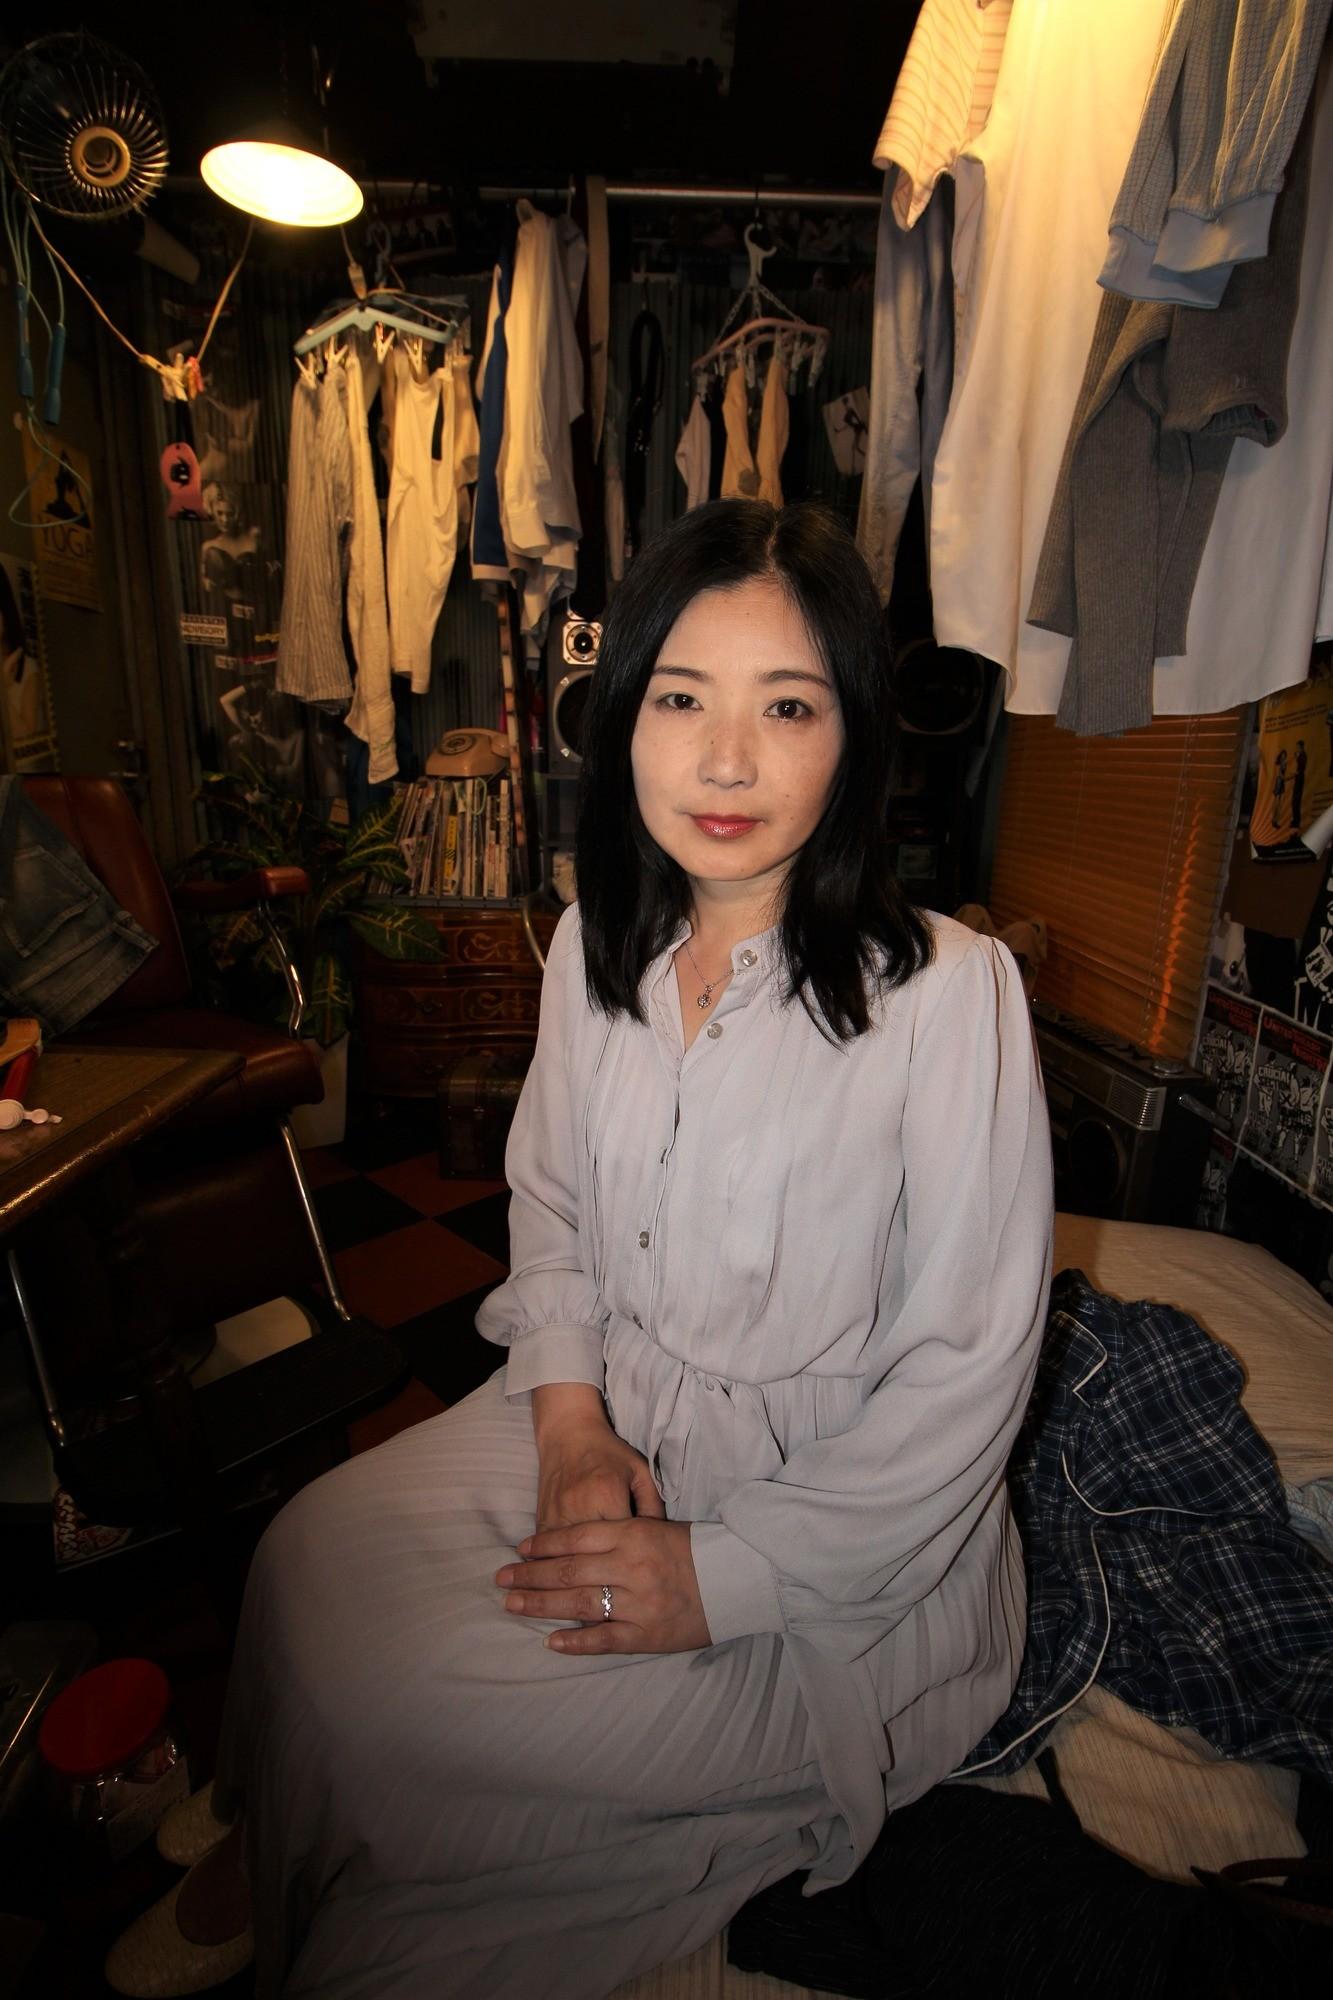 愛しのデリヘル嬢 素人売春生中出し 盗撮強制撮り下ろし 横山さん(主婦)42歳 画像1